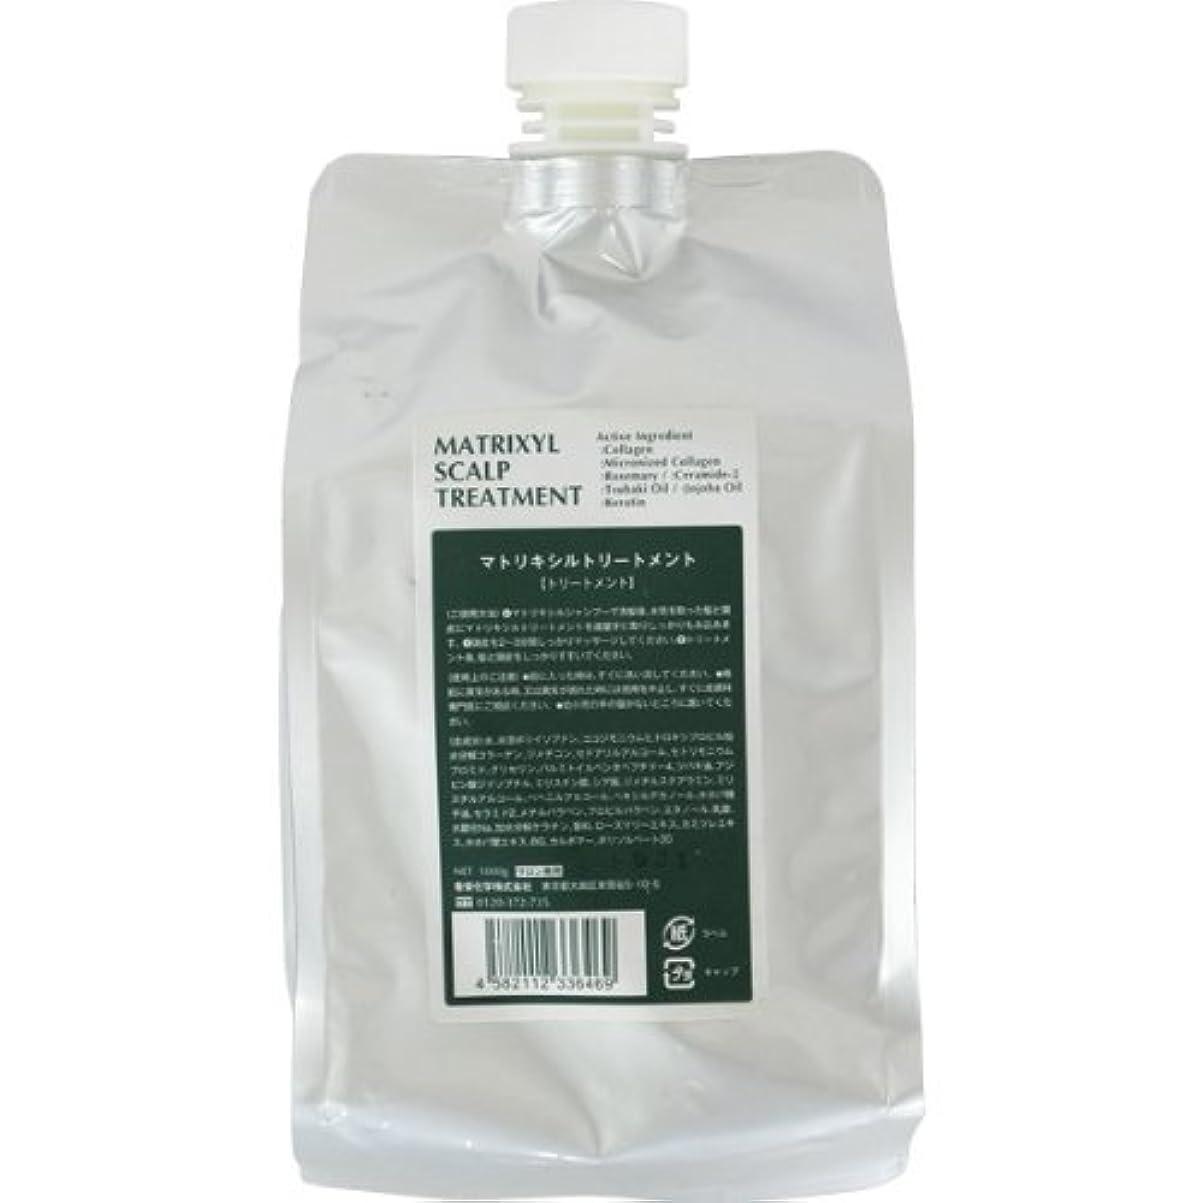 位置づける皮スタッフ香栄化学 マトリキシル スキャルプトリートメント レフィル 1000g